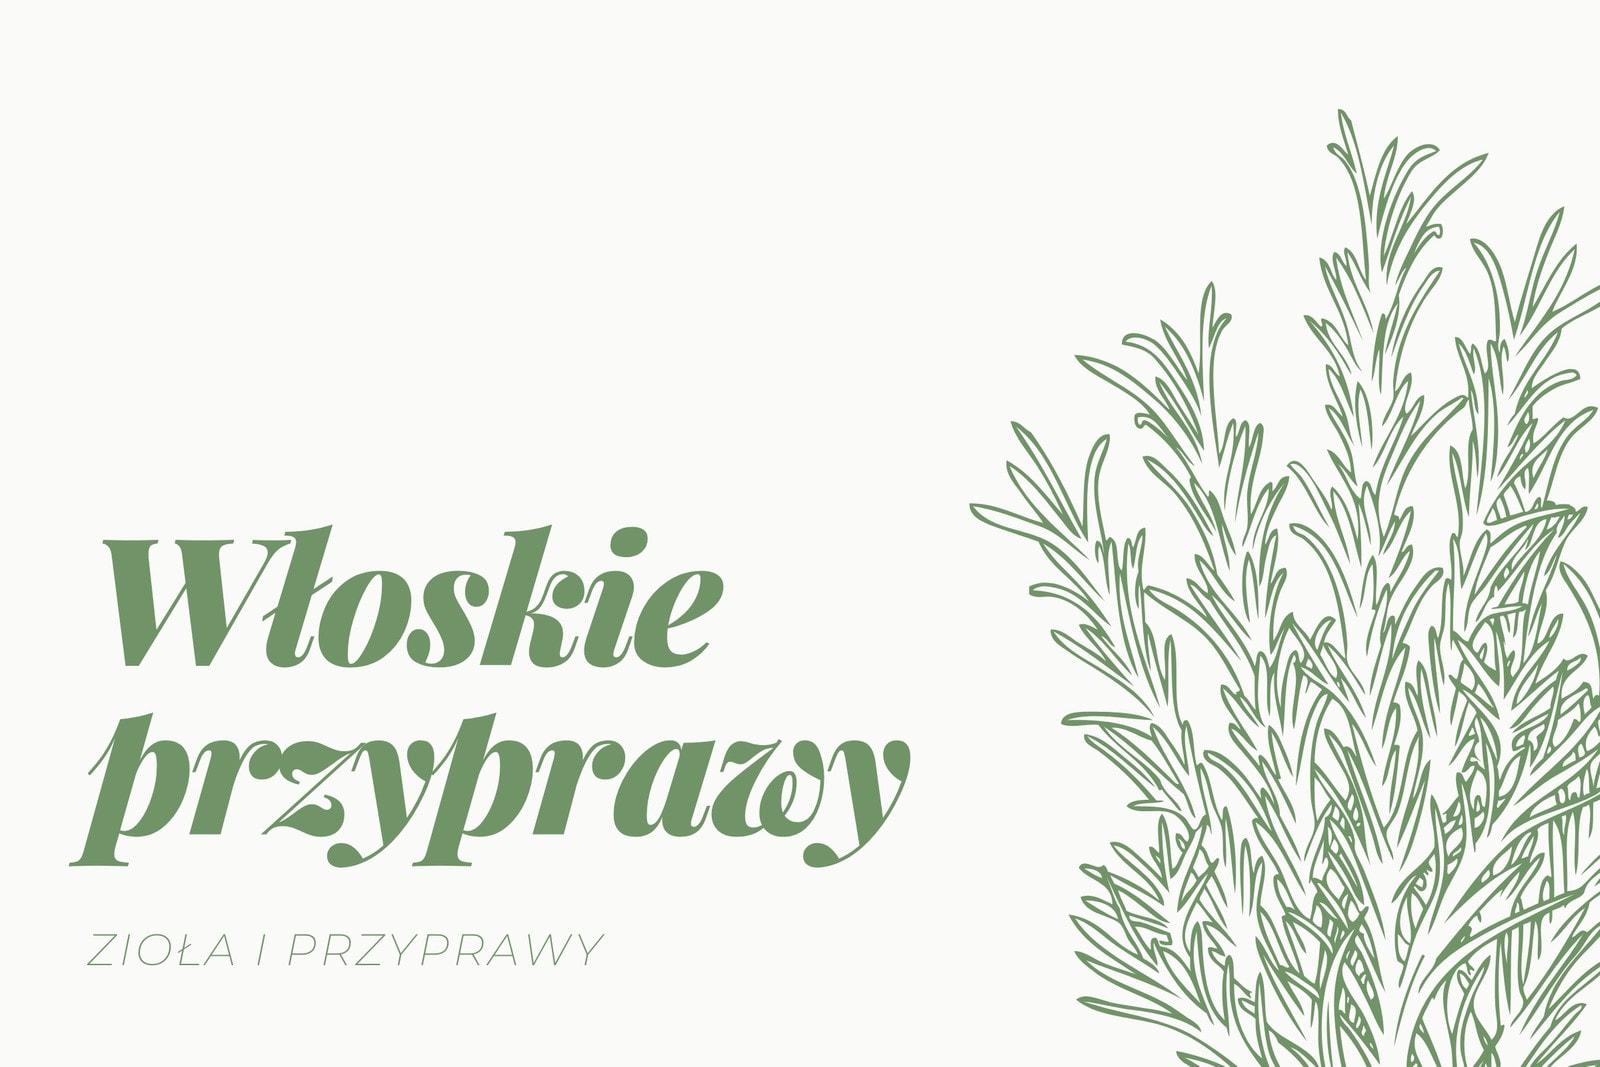 Zielona Ilustrowana Zioła Kuchnia Etykieta